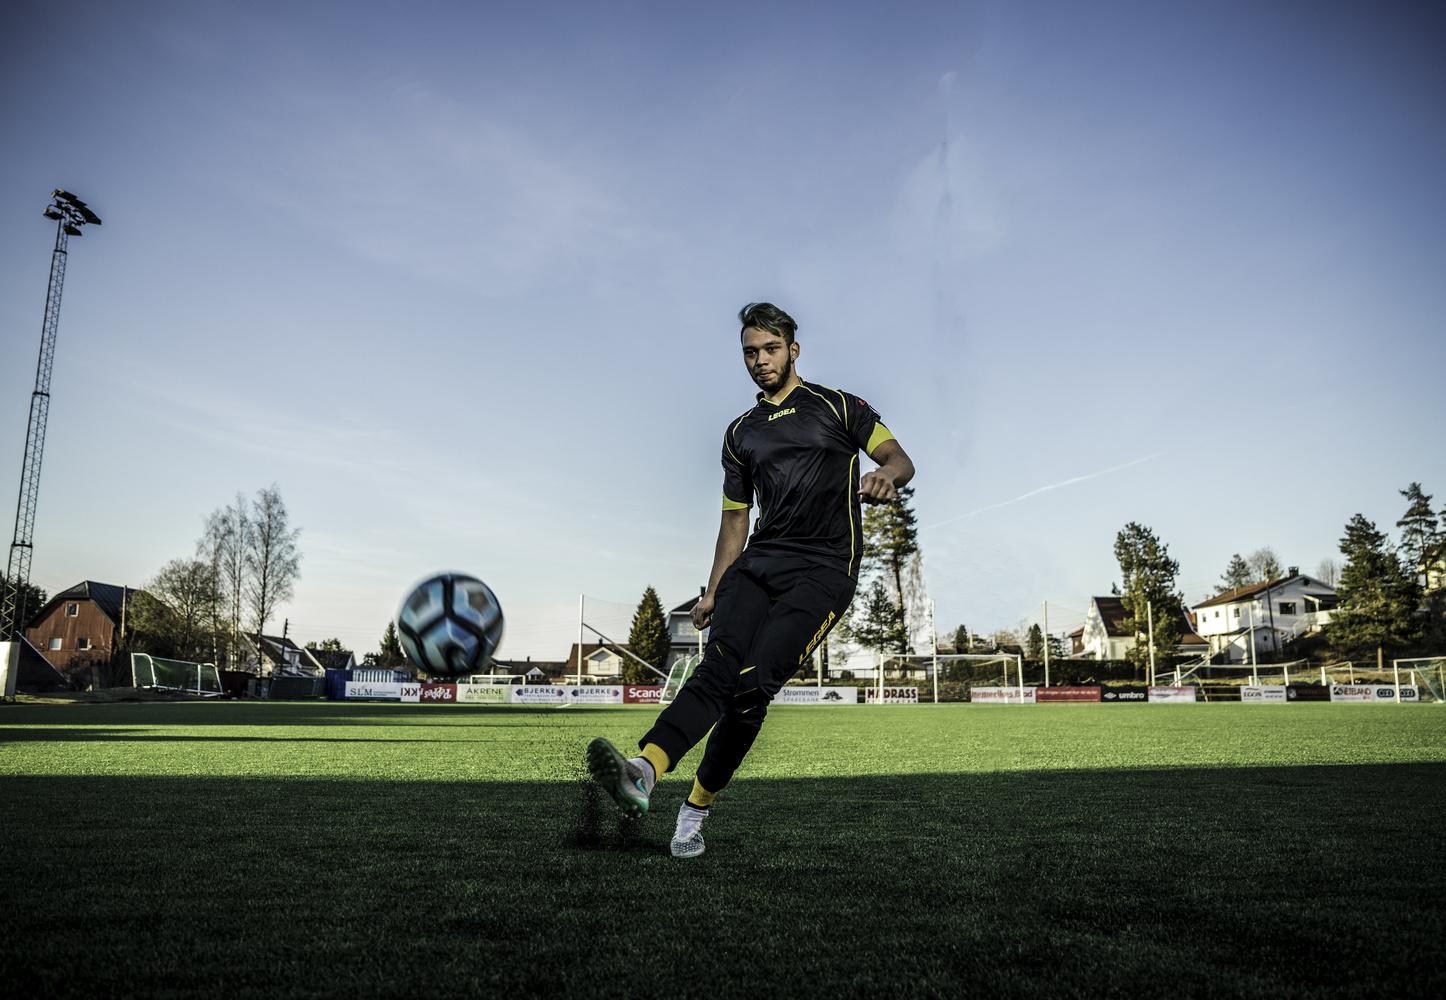 football by Christoffer Holenbakken